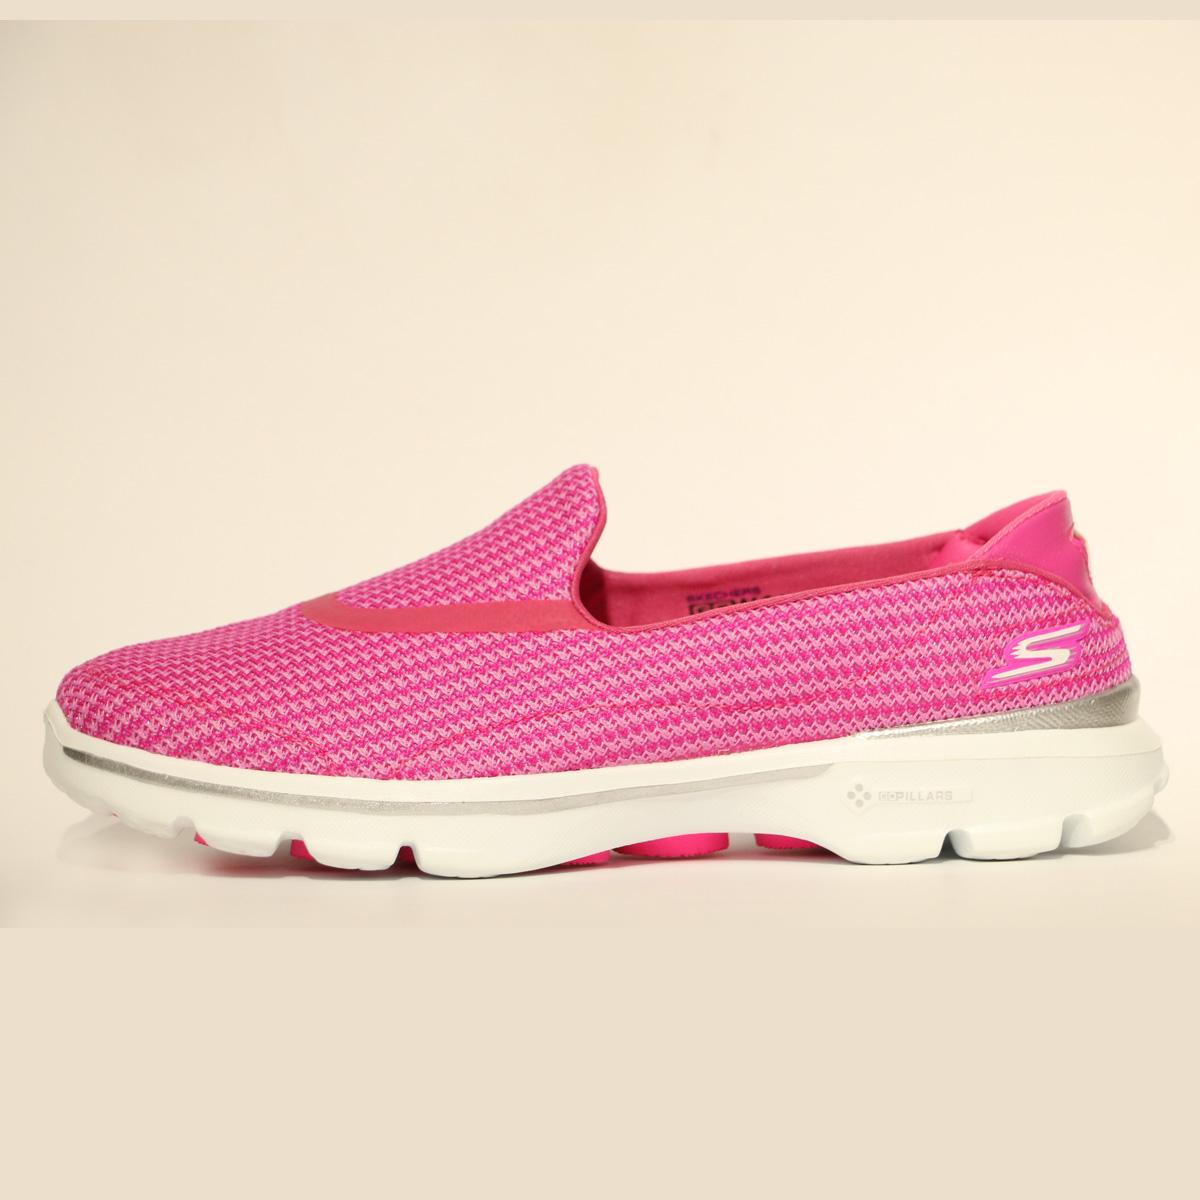 کفش پیاده روی زنانه اسکچرز مدل GO WALK 3  کد SN13980